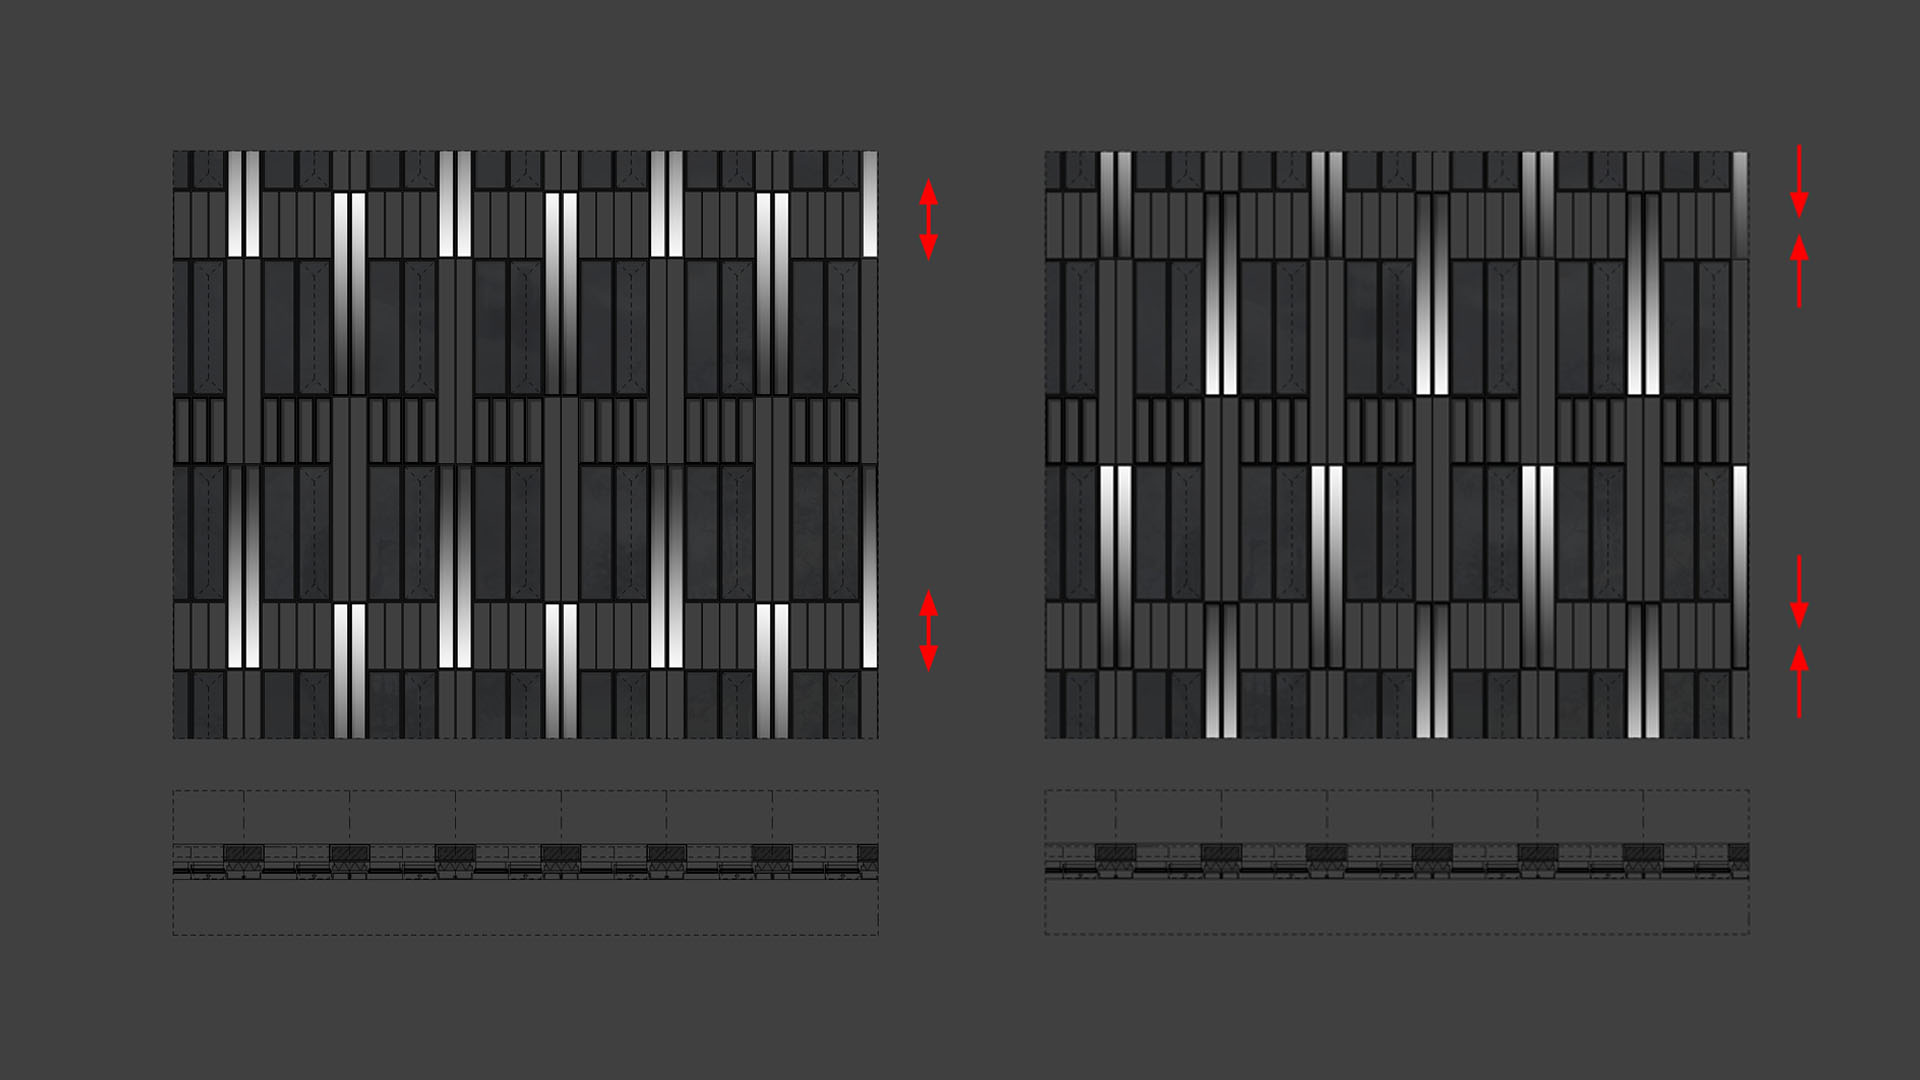 MAASS-Lichtplanung_Konzept Fassadenbeleuchtung ING-DiBa__MAASS-Poseidonhaus-005